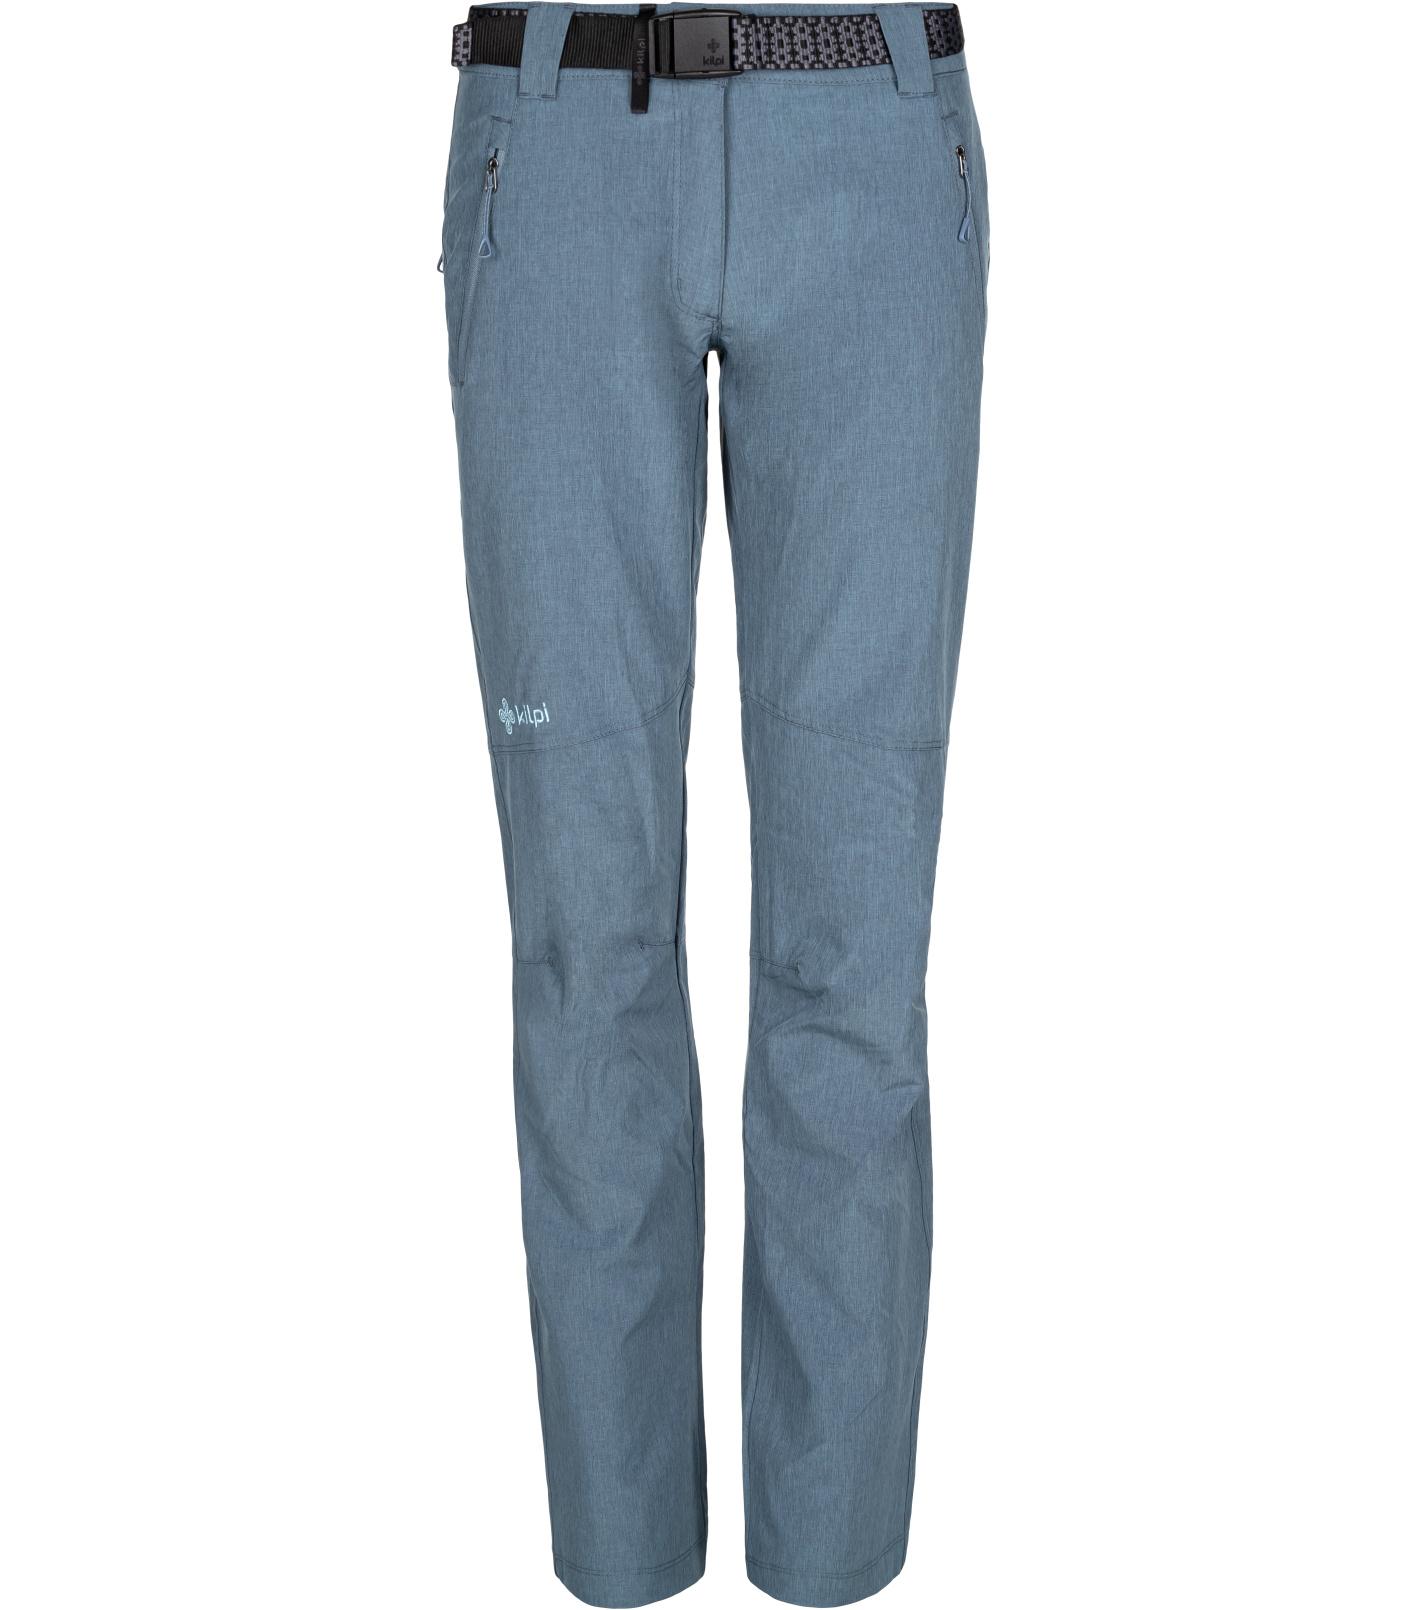 KILPI Dámské outdoorové kalhoty WANAKA-W ML0026KIBLU Modrá 34